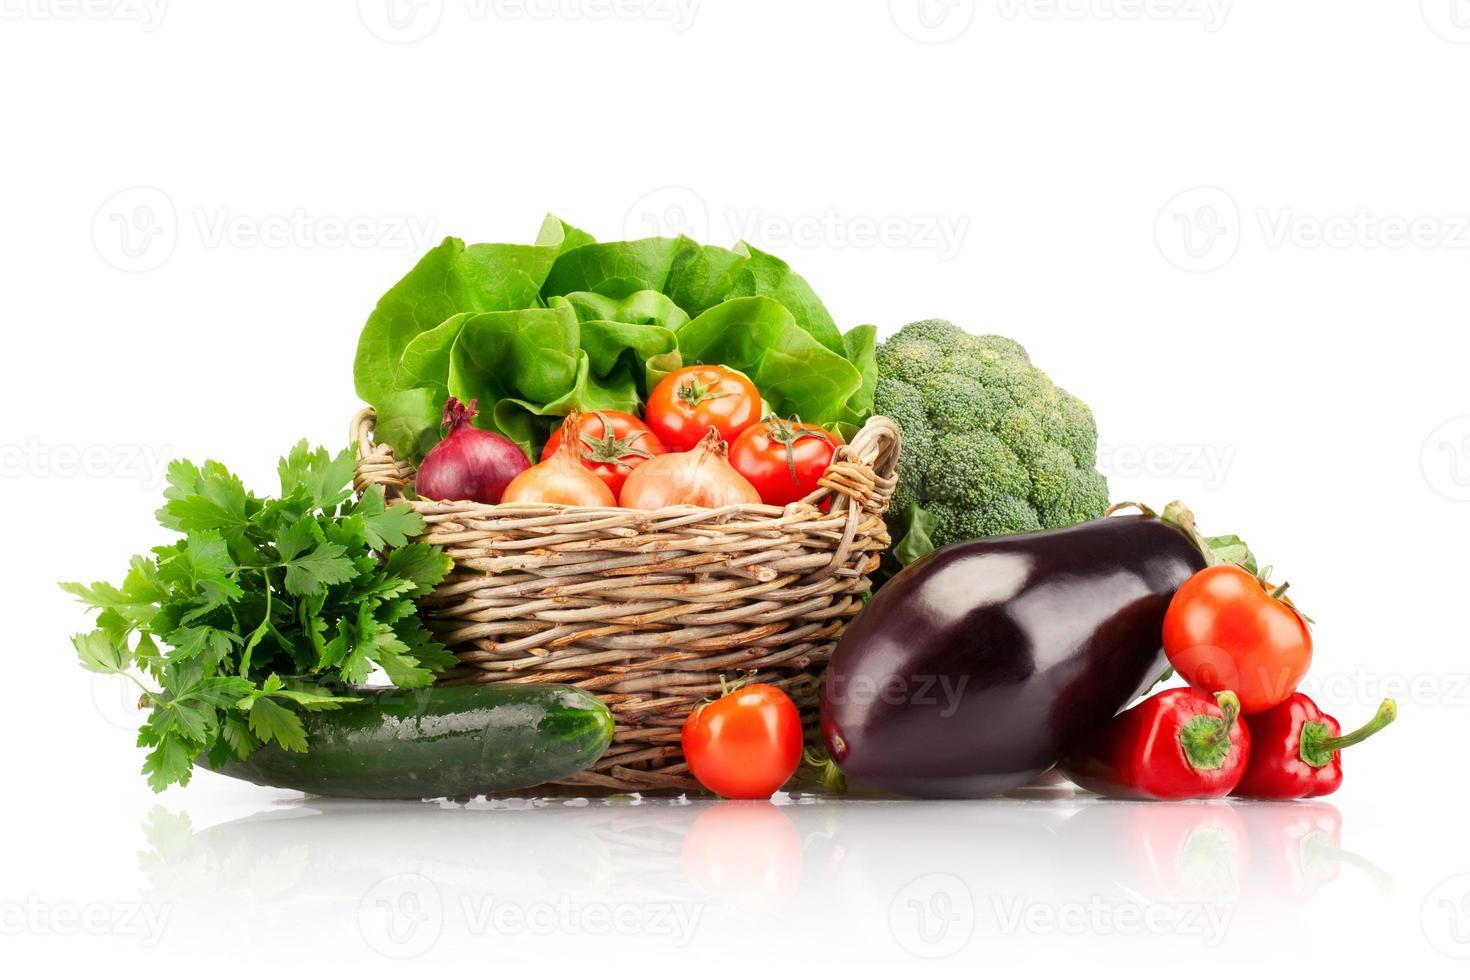 légumes disposés dans un panier sur fond blanc photo